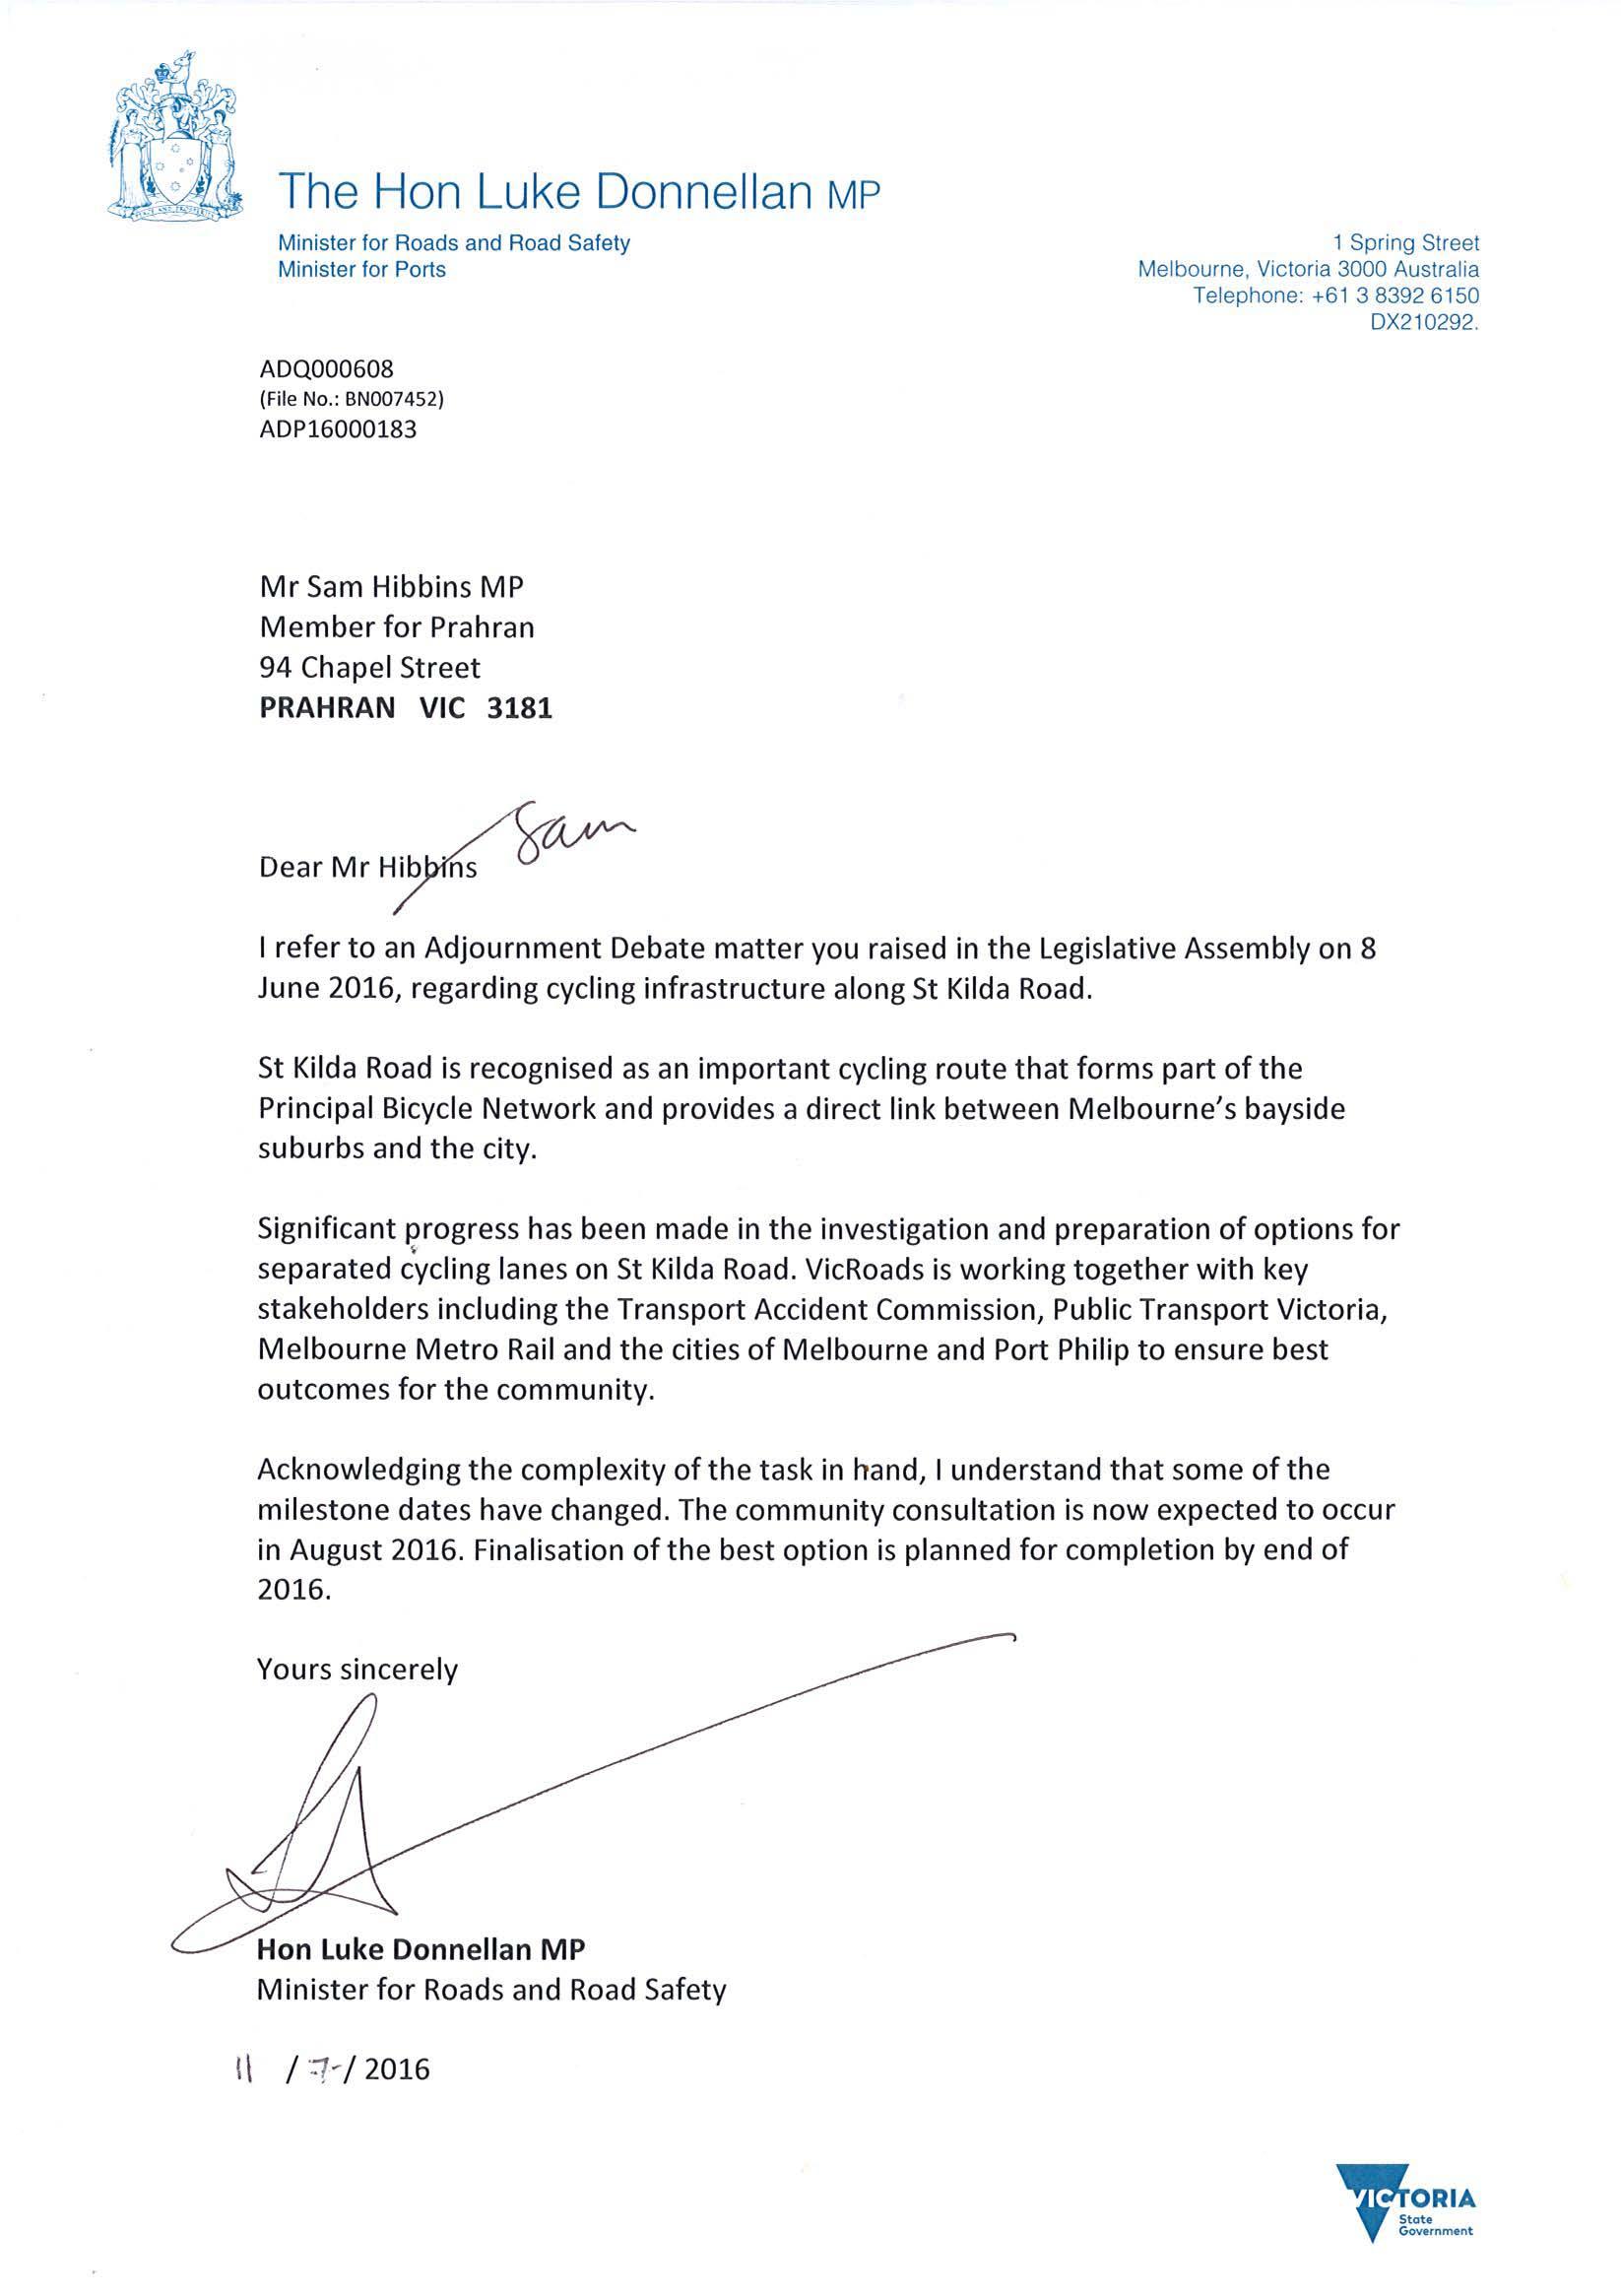 Letter_from_Luke_Donnellan__Minister_for_Roads_re_St_Kilda_Bike_Lanes.jpg